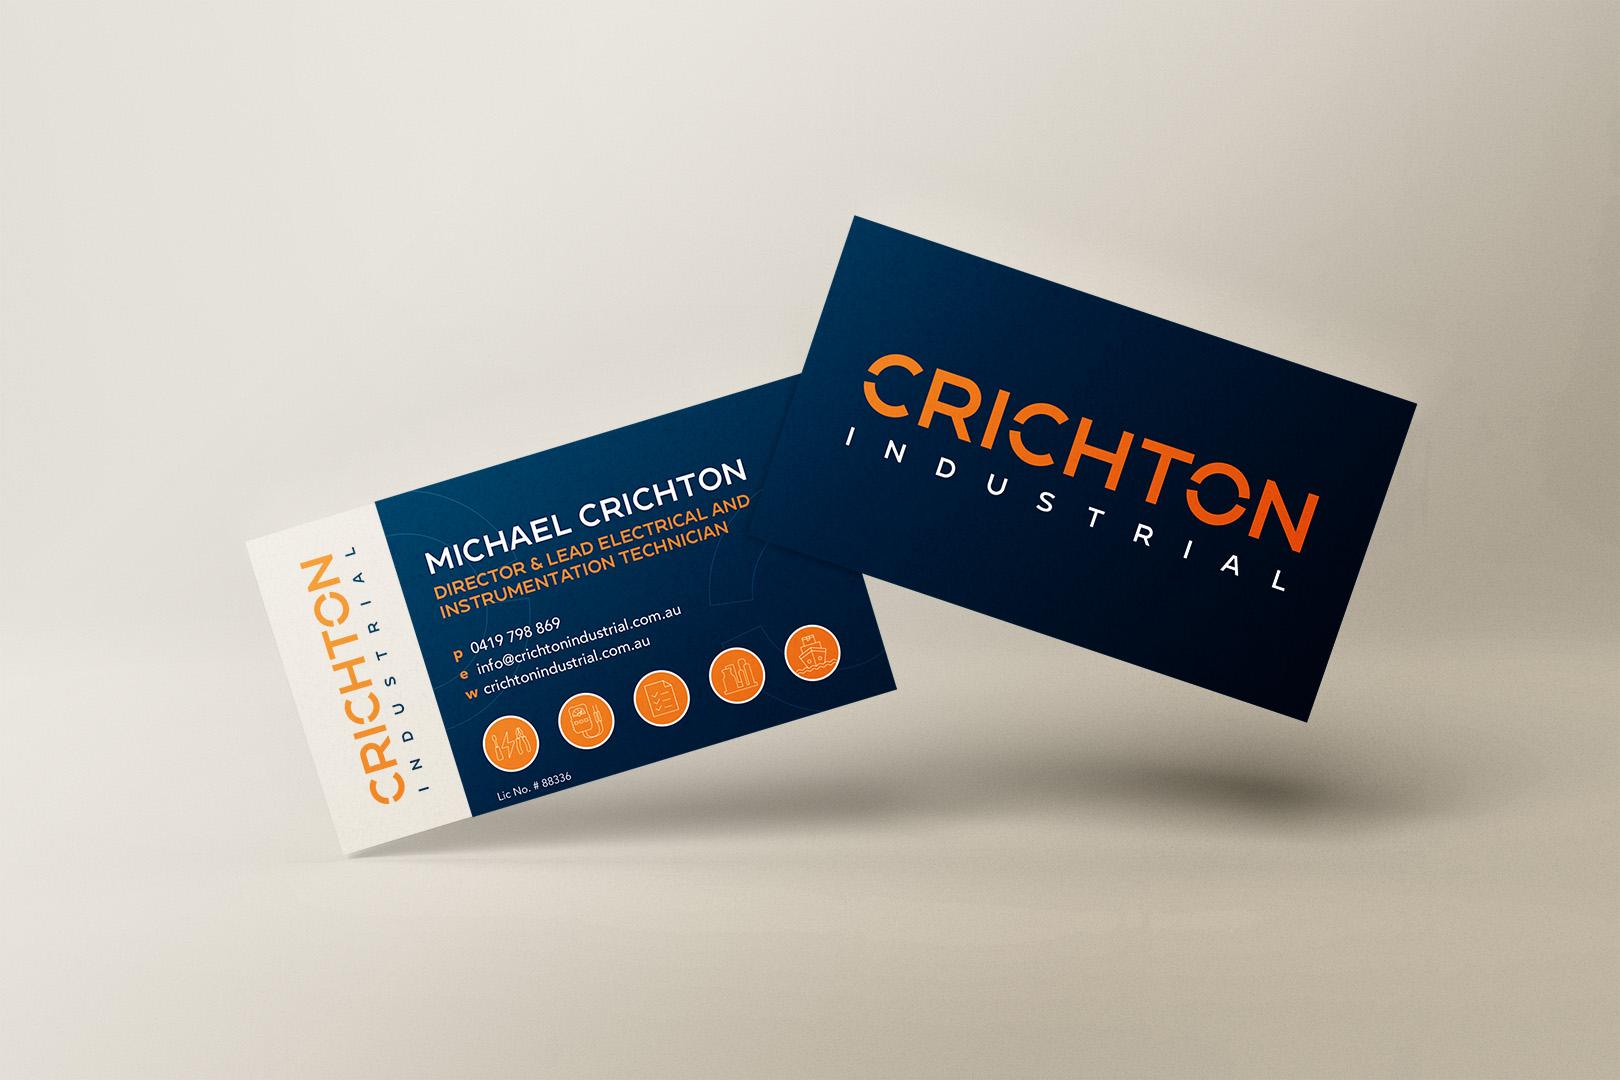 Crichton Industrial